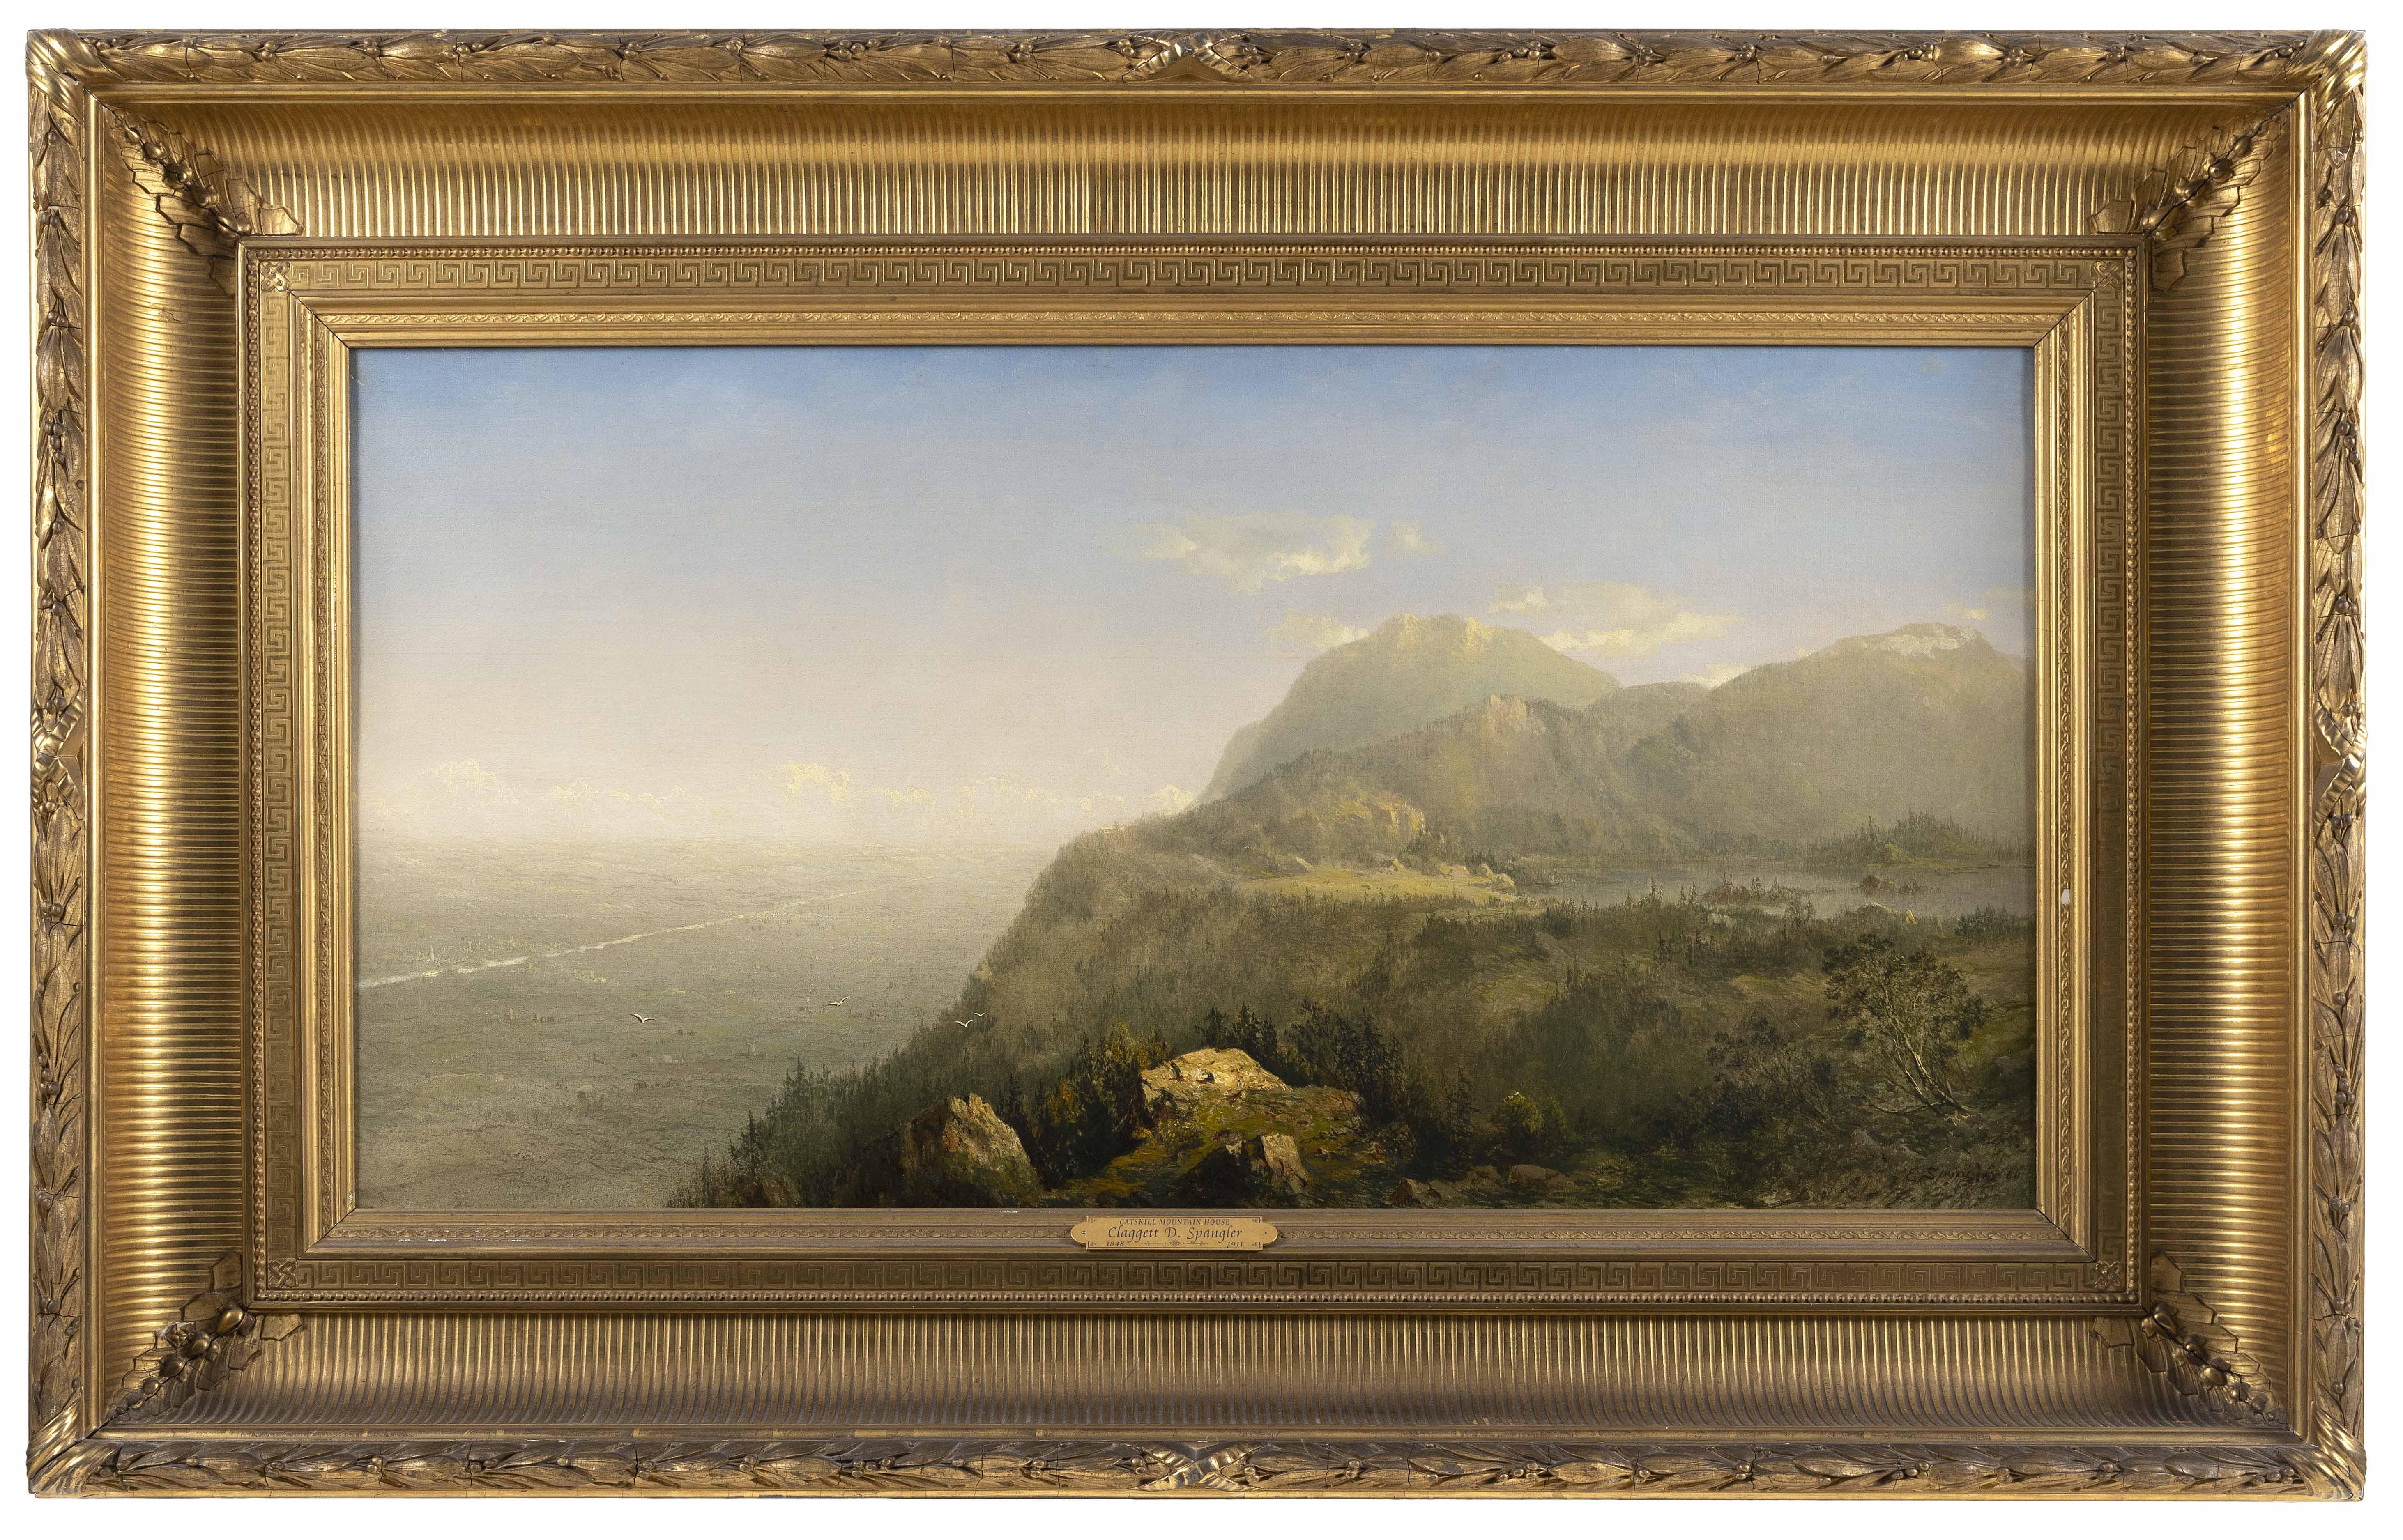 """CLAGGETT D. SPANGLER (Pennsylvania/Maryland, 1848-1911), """"Catskills Mountain House""""., Oil on canvas, 22"""" x 42"""". Framed 35"""" x 56""""."""